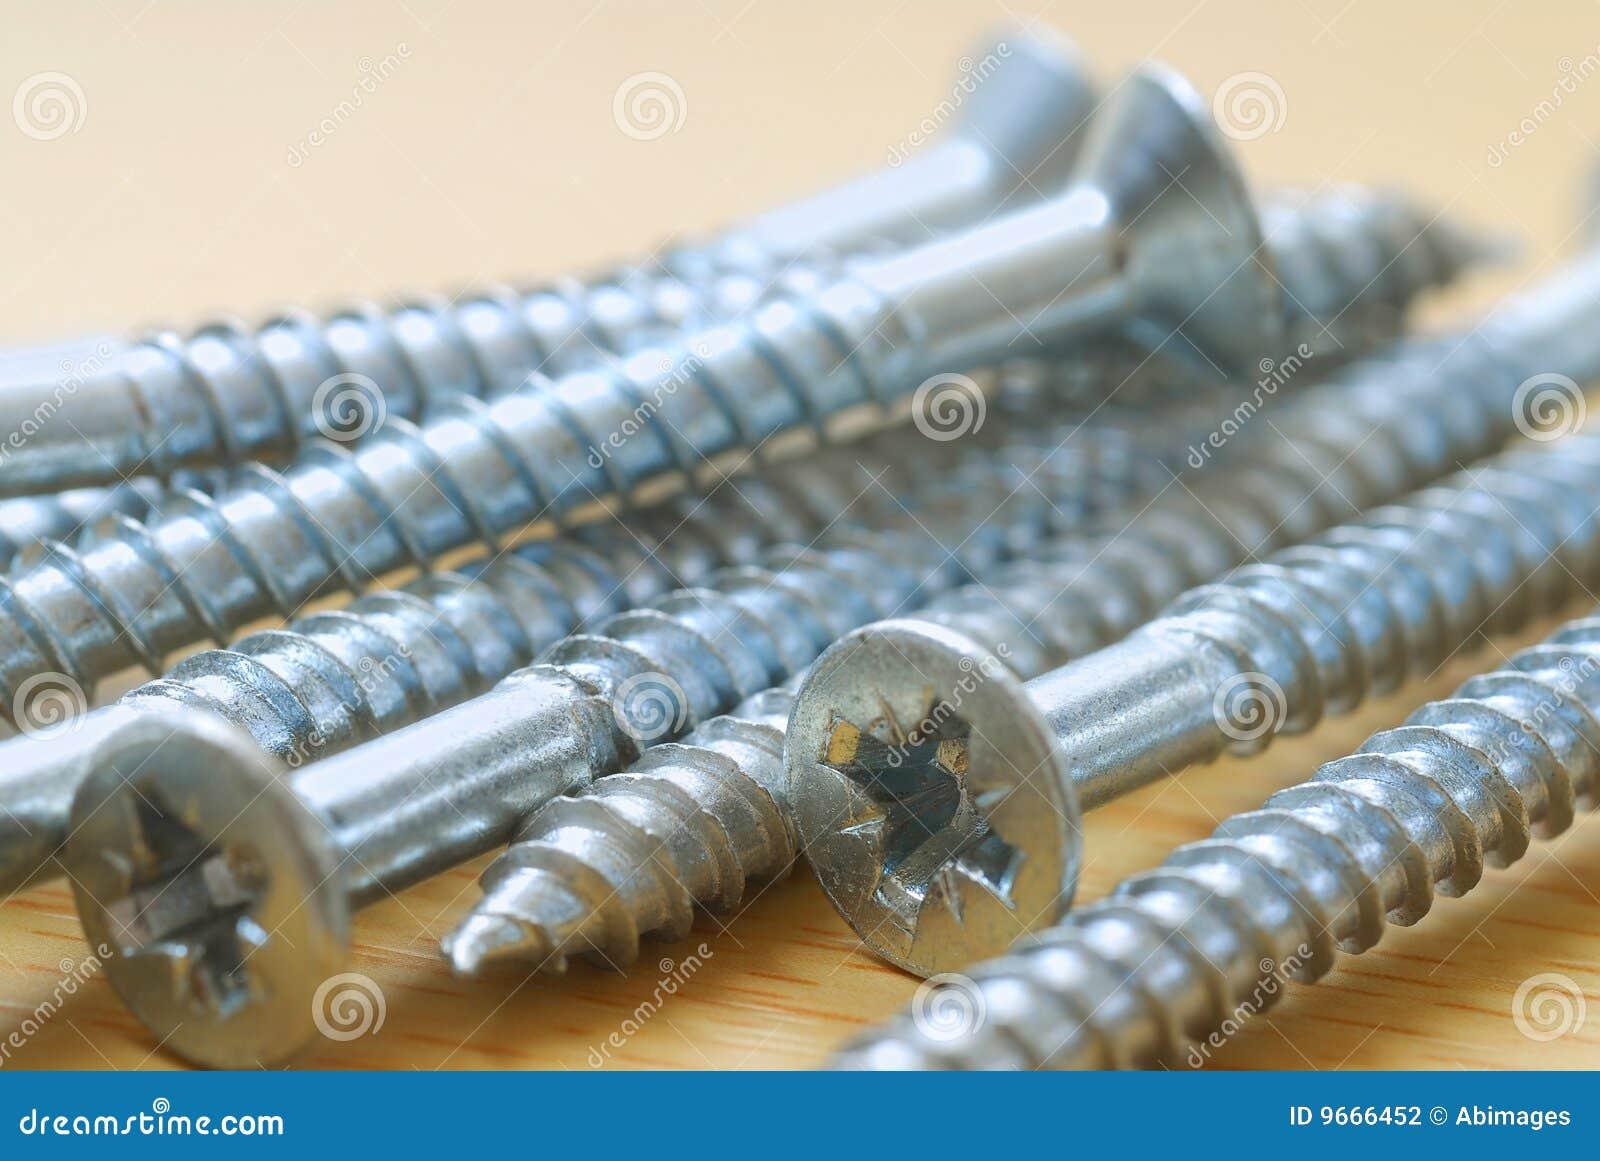 Lange Schrauben stockfoto. Bild von metall, sich, zimmerei - 9666452